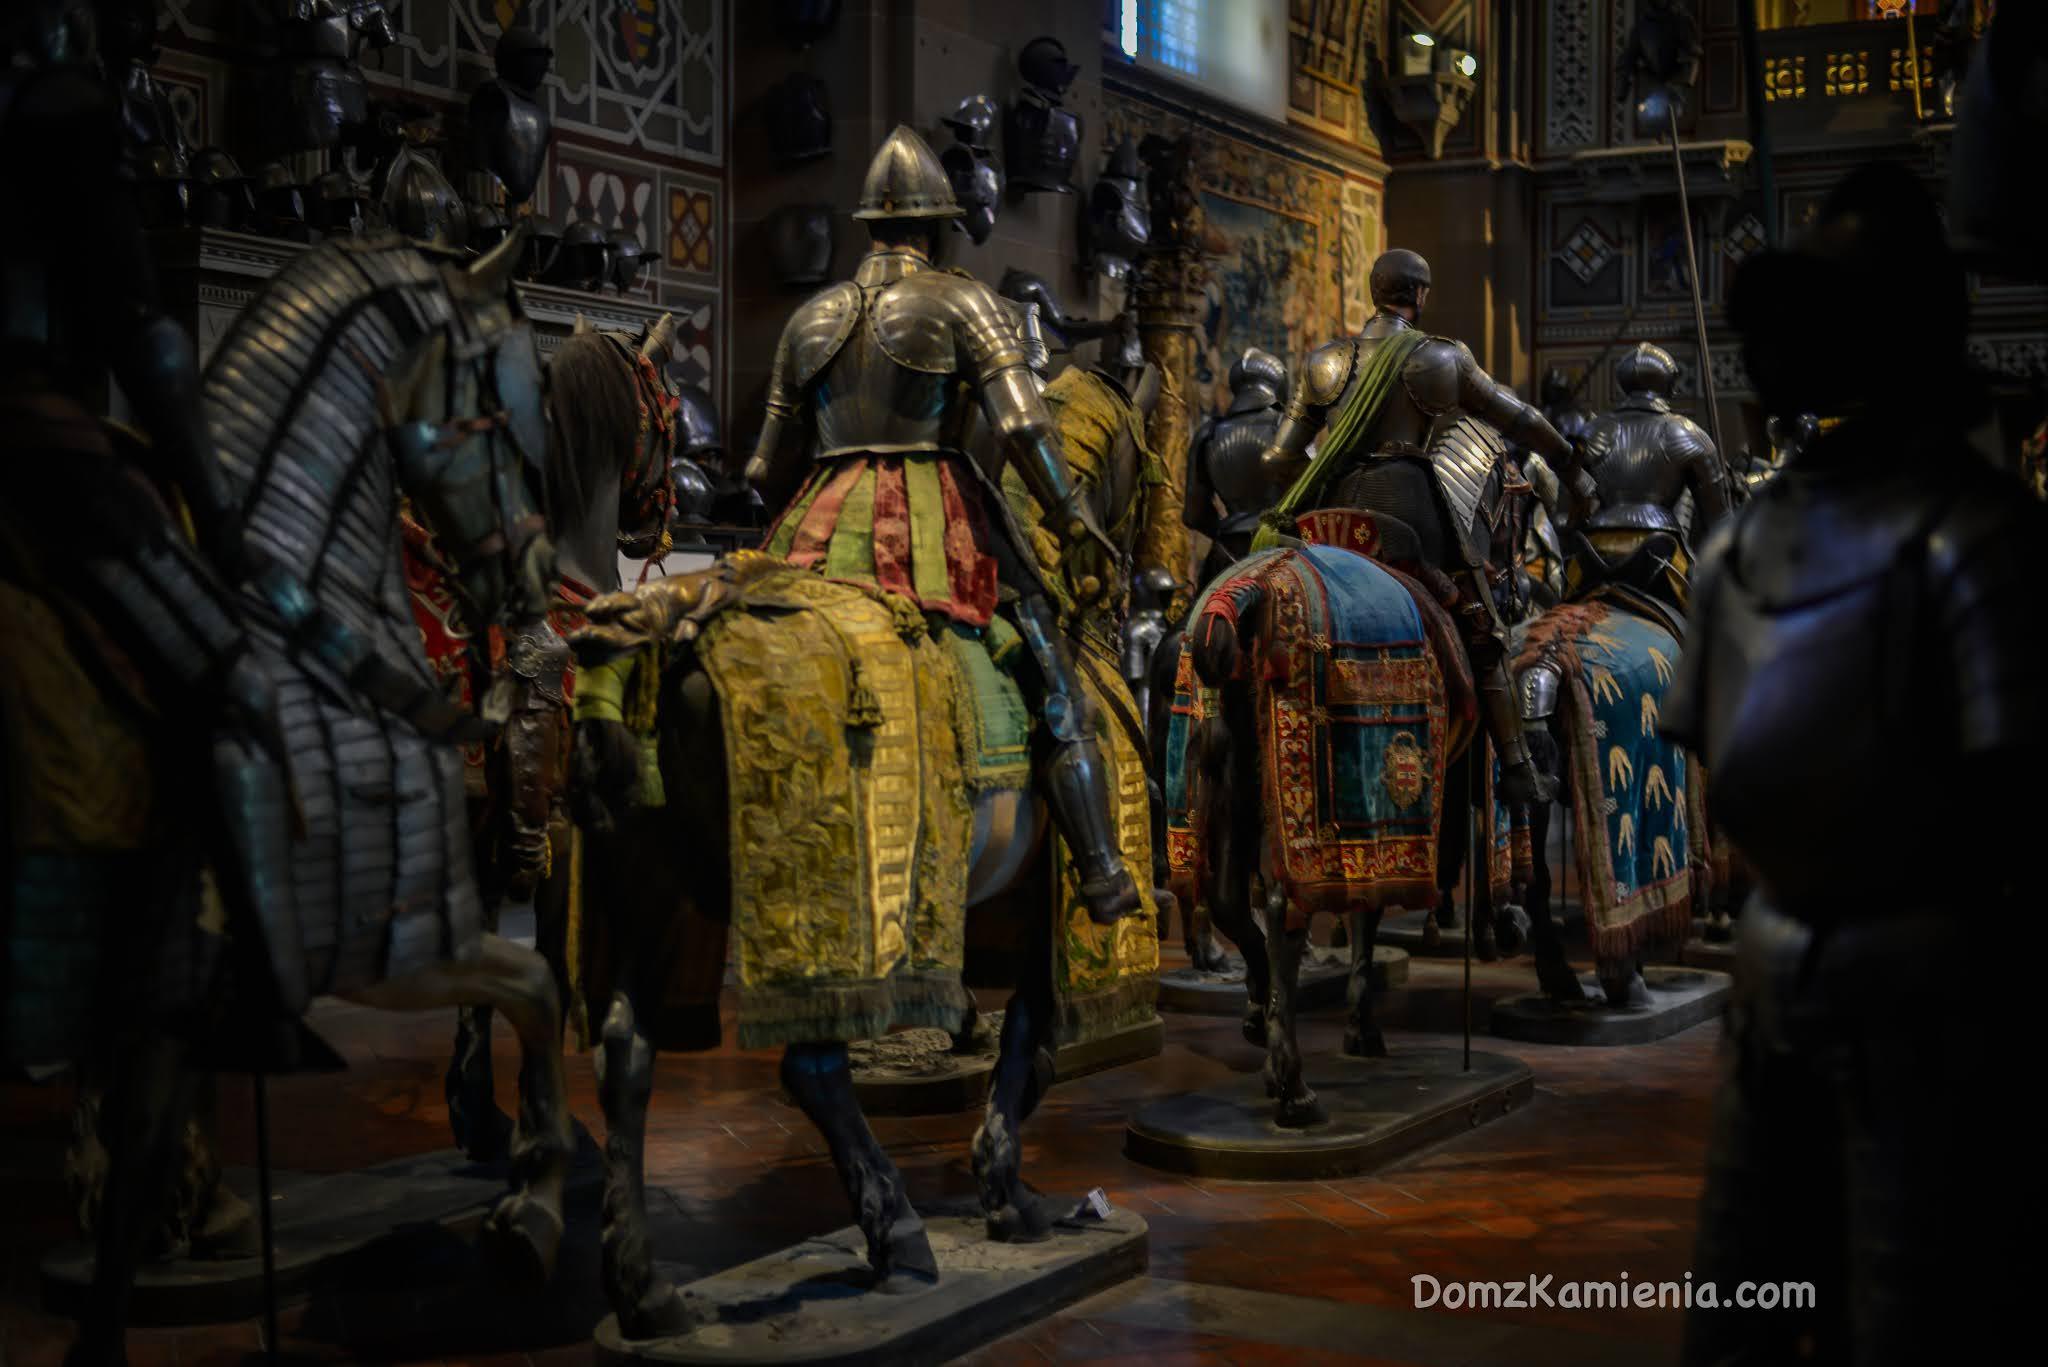 Muzeum Stibbert - Sekrety Florencji, Dom z Kamienia